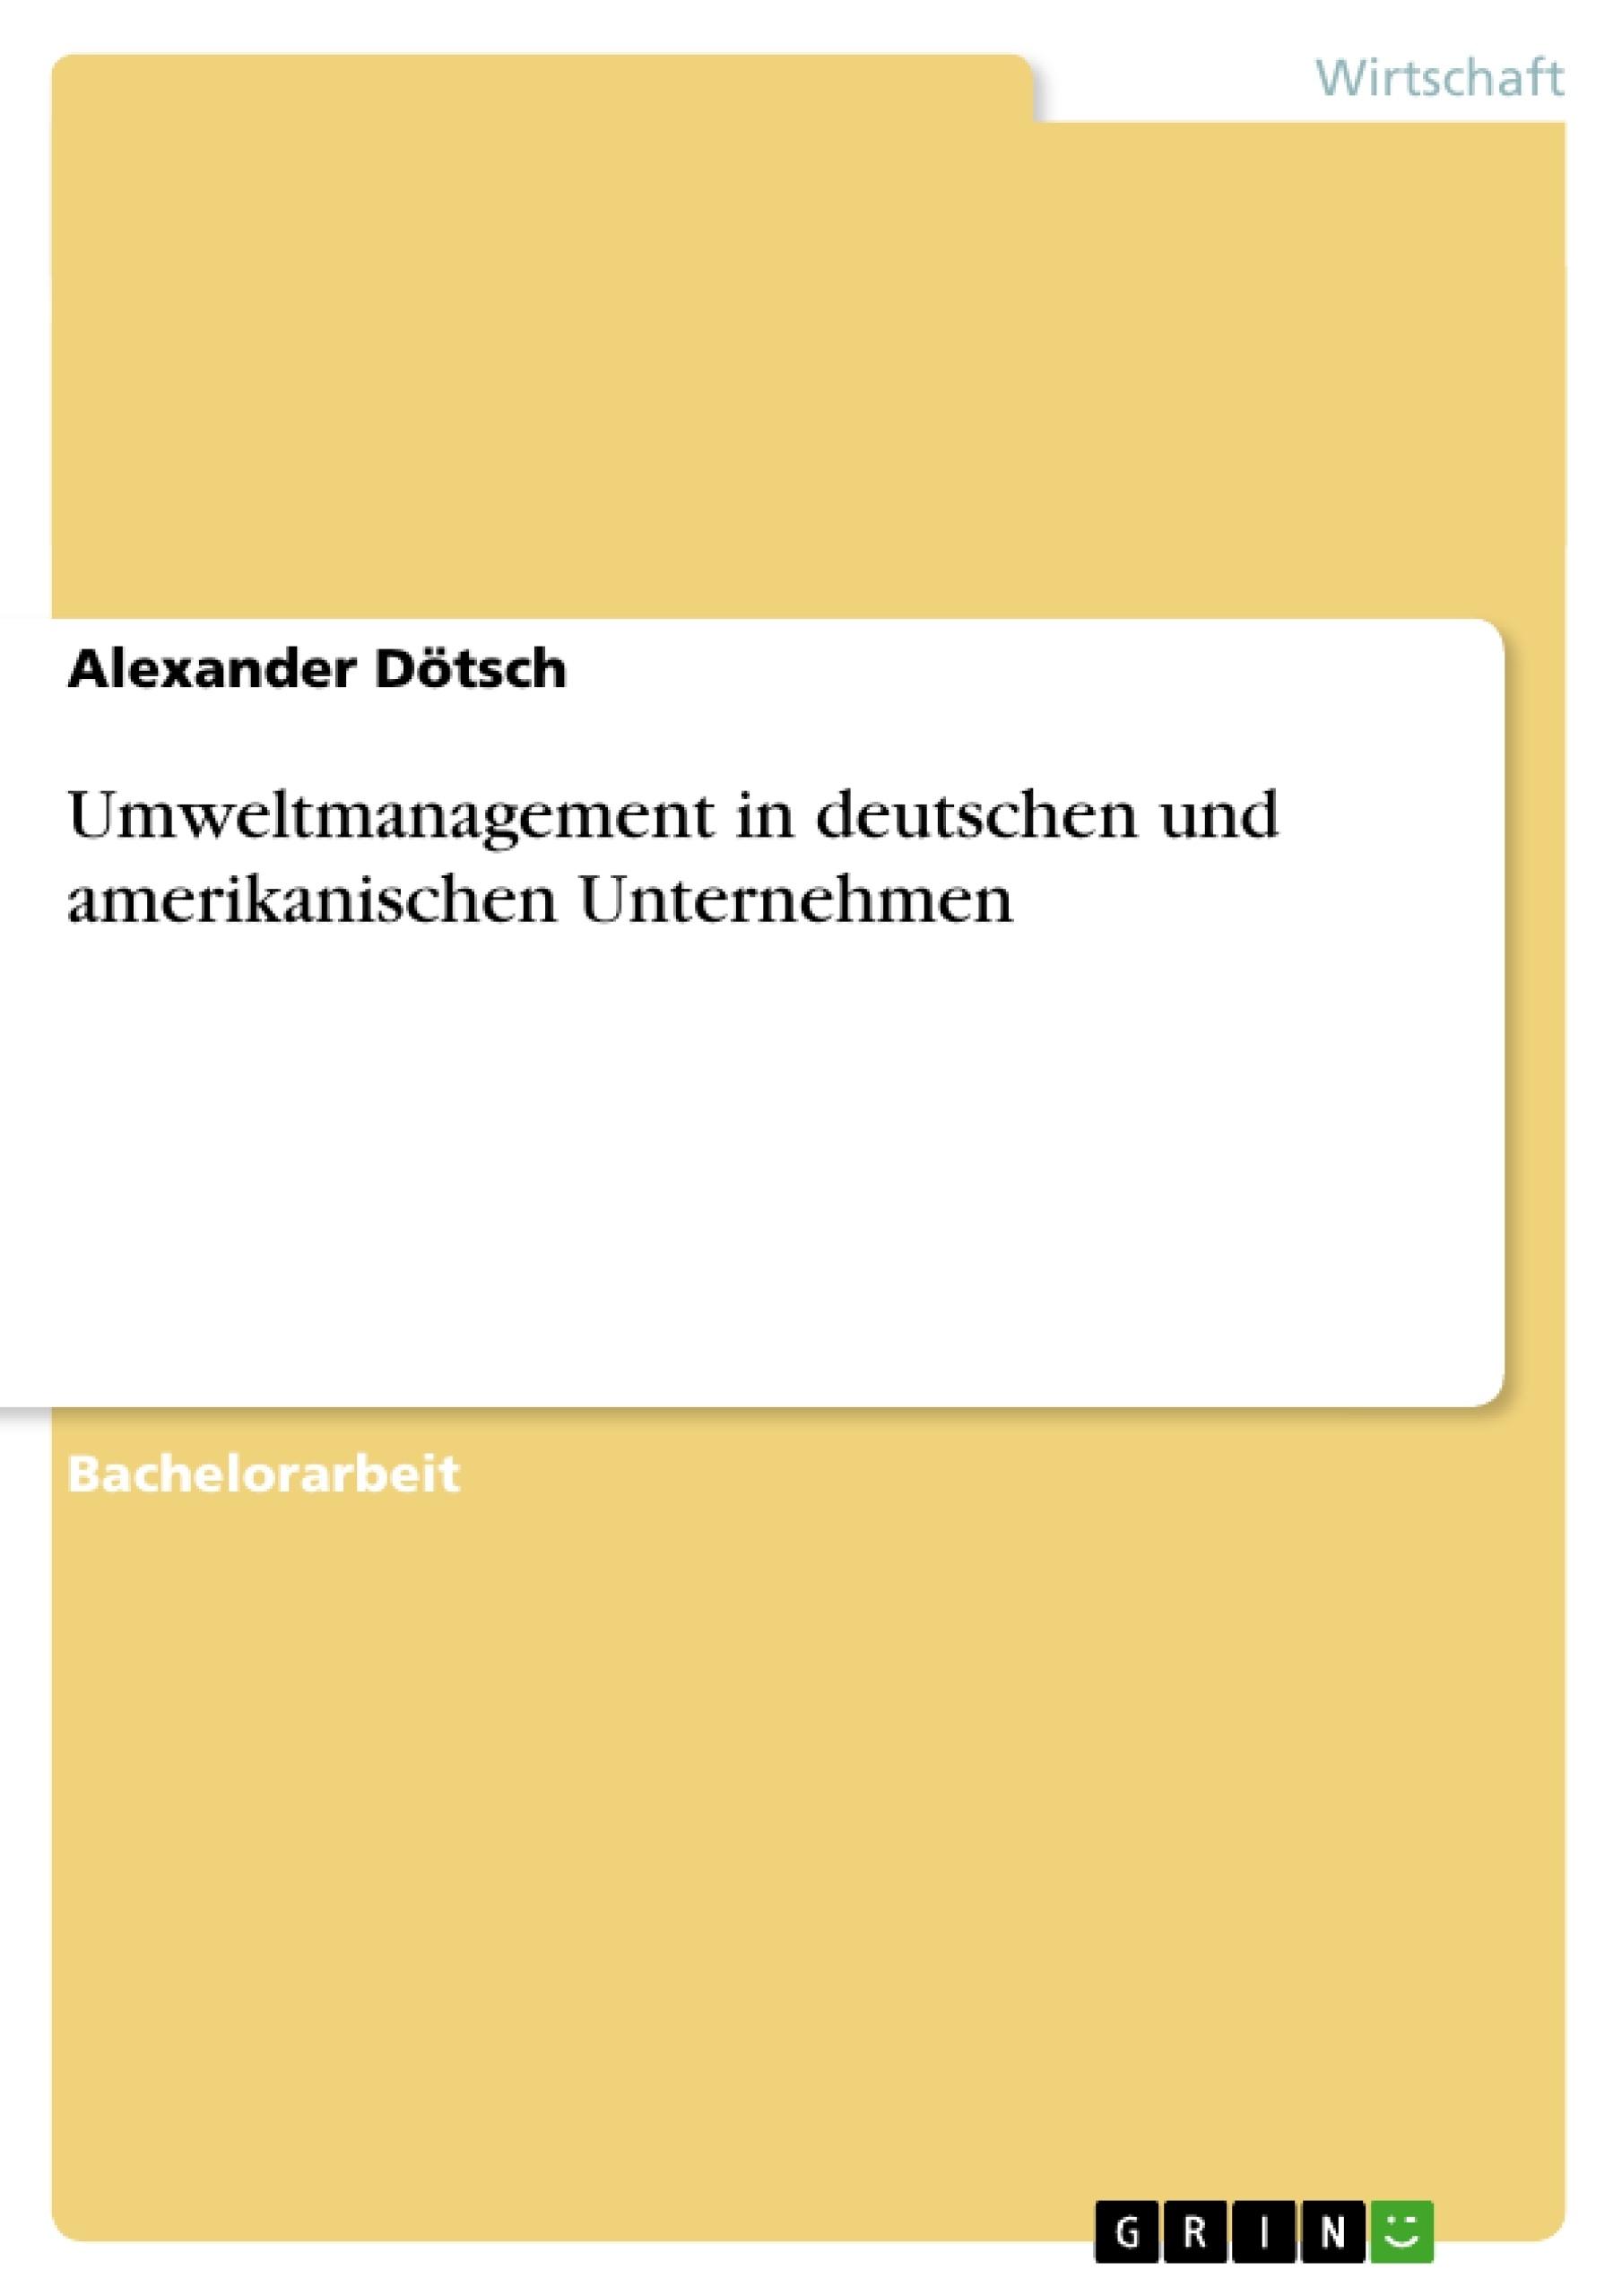 Titel: Umweltmanagement in deutschen und amerikanischen Unternehmen